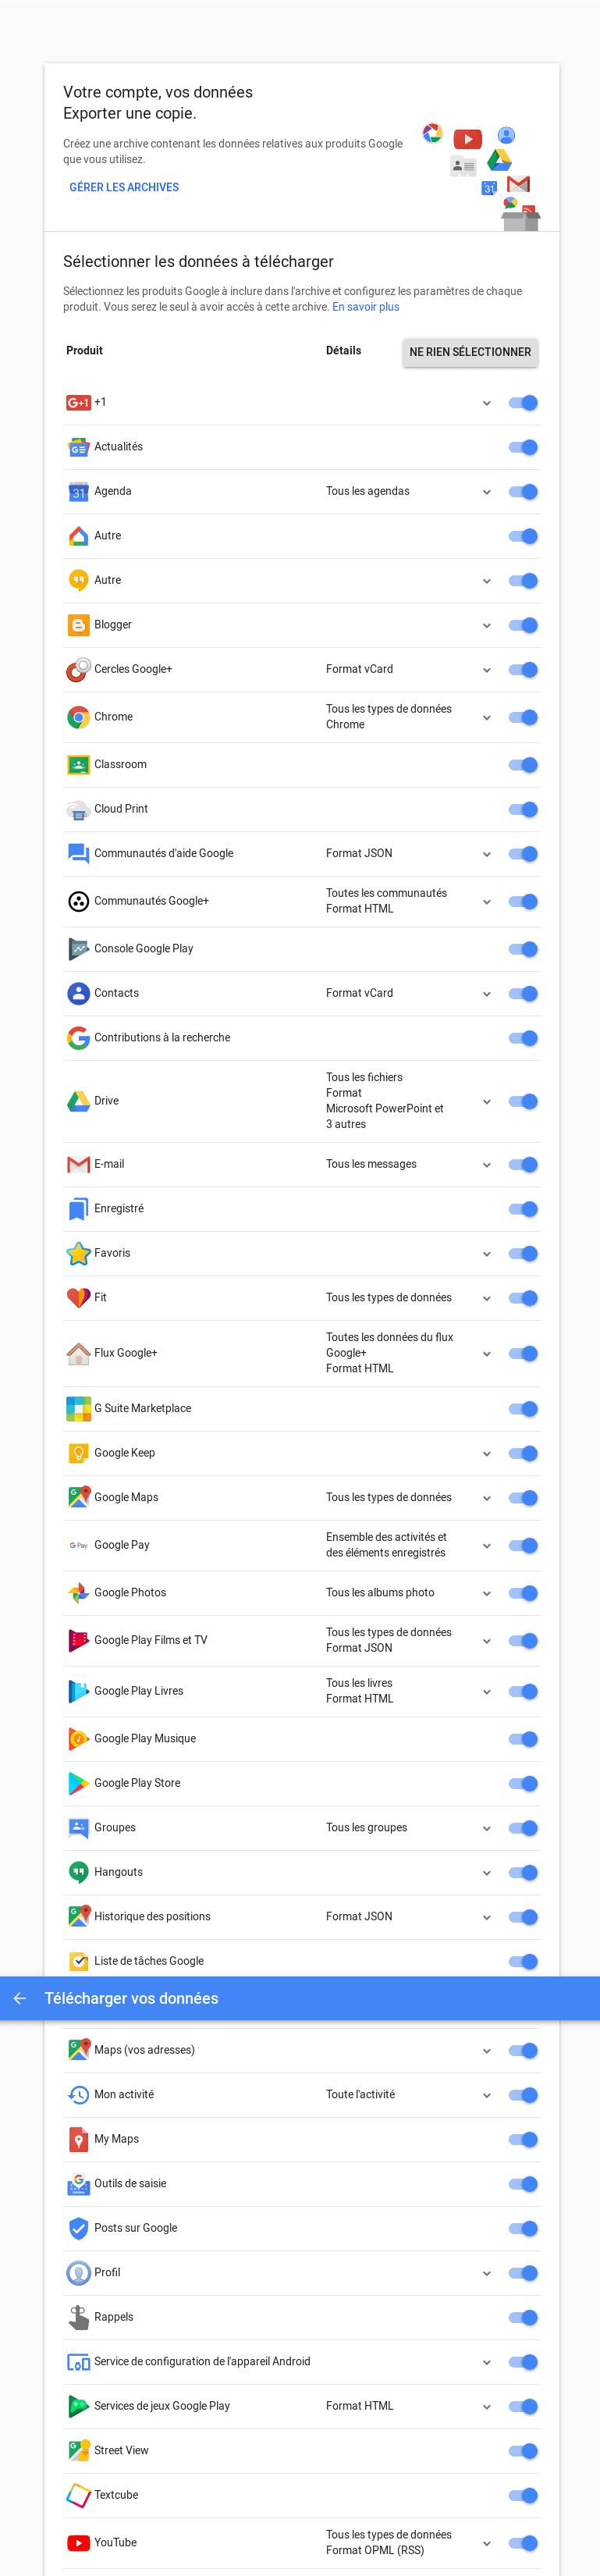 Télécharger vos données Google